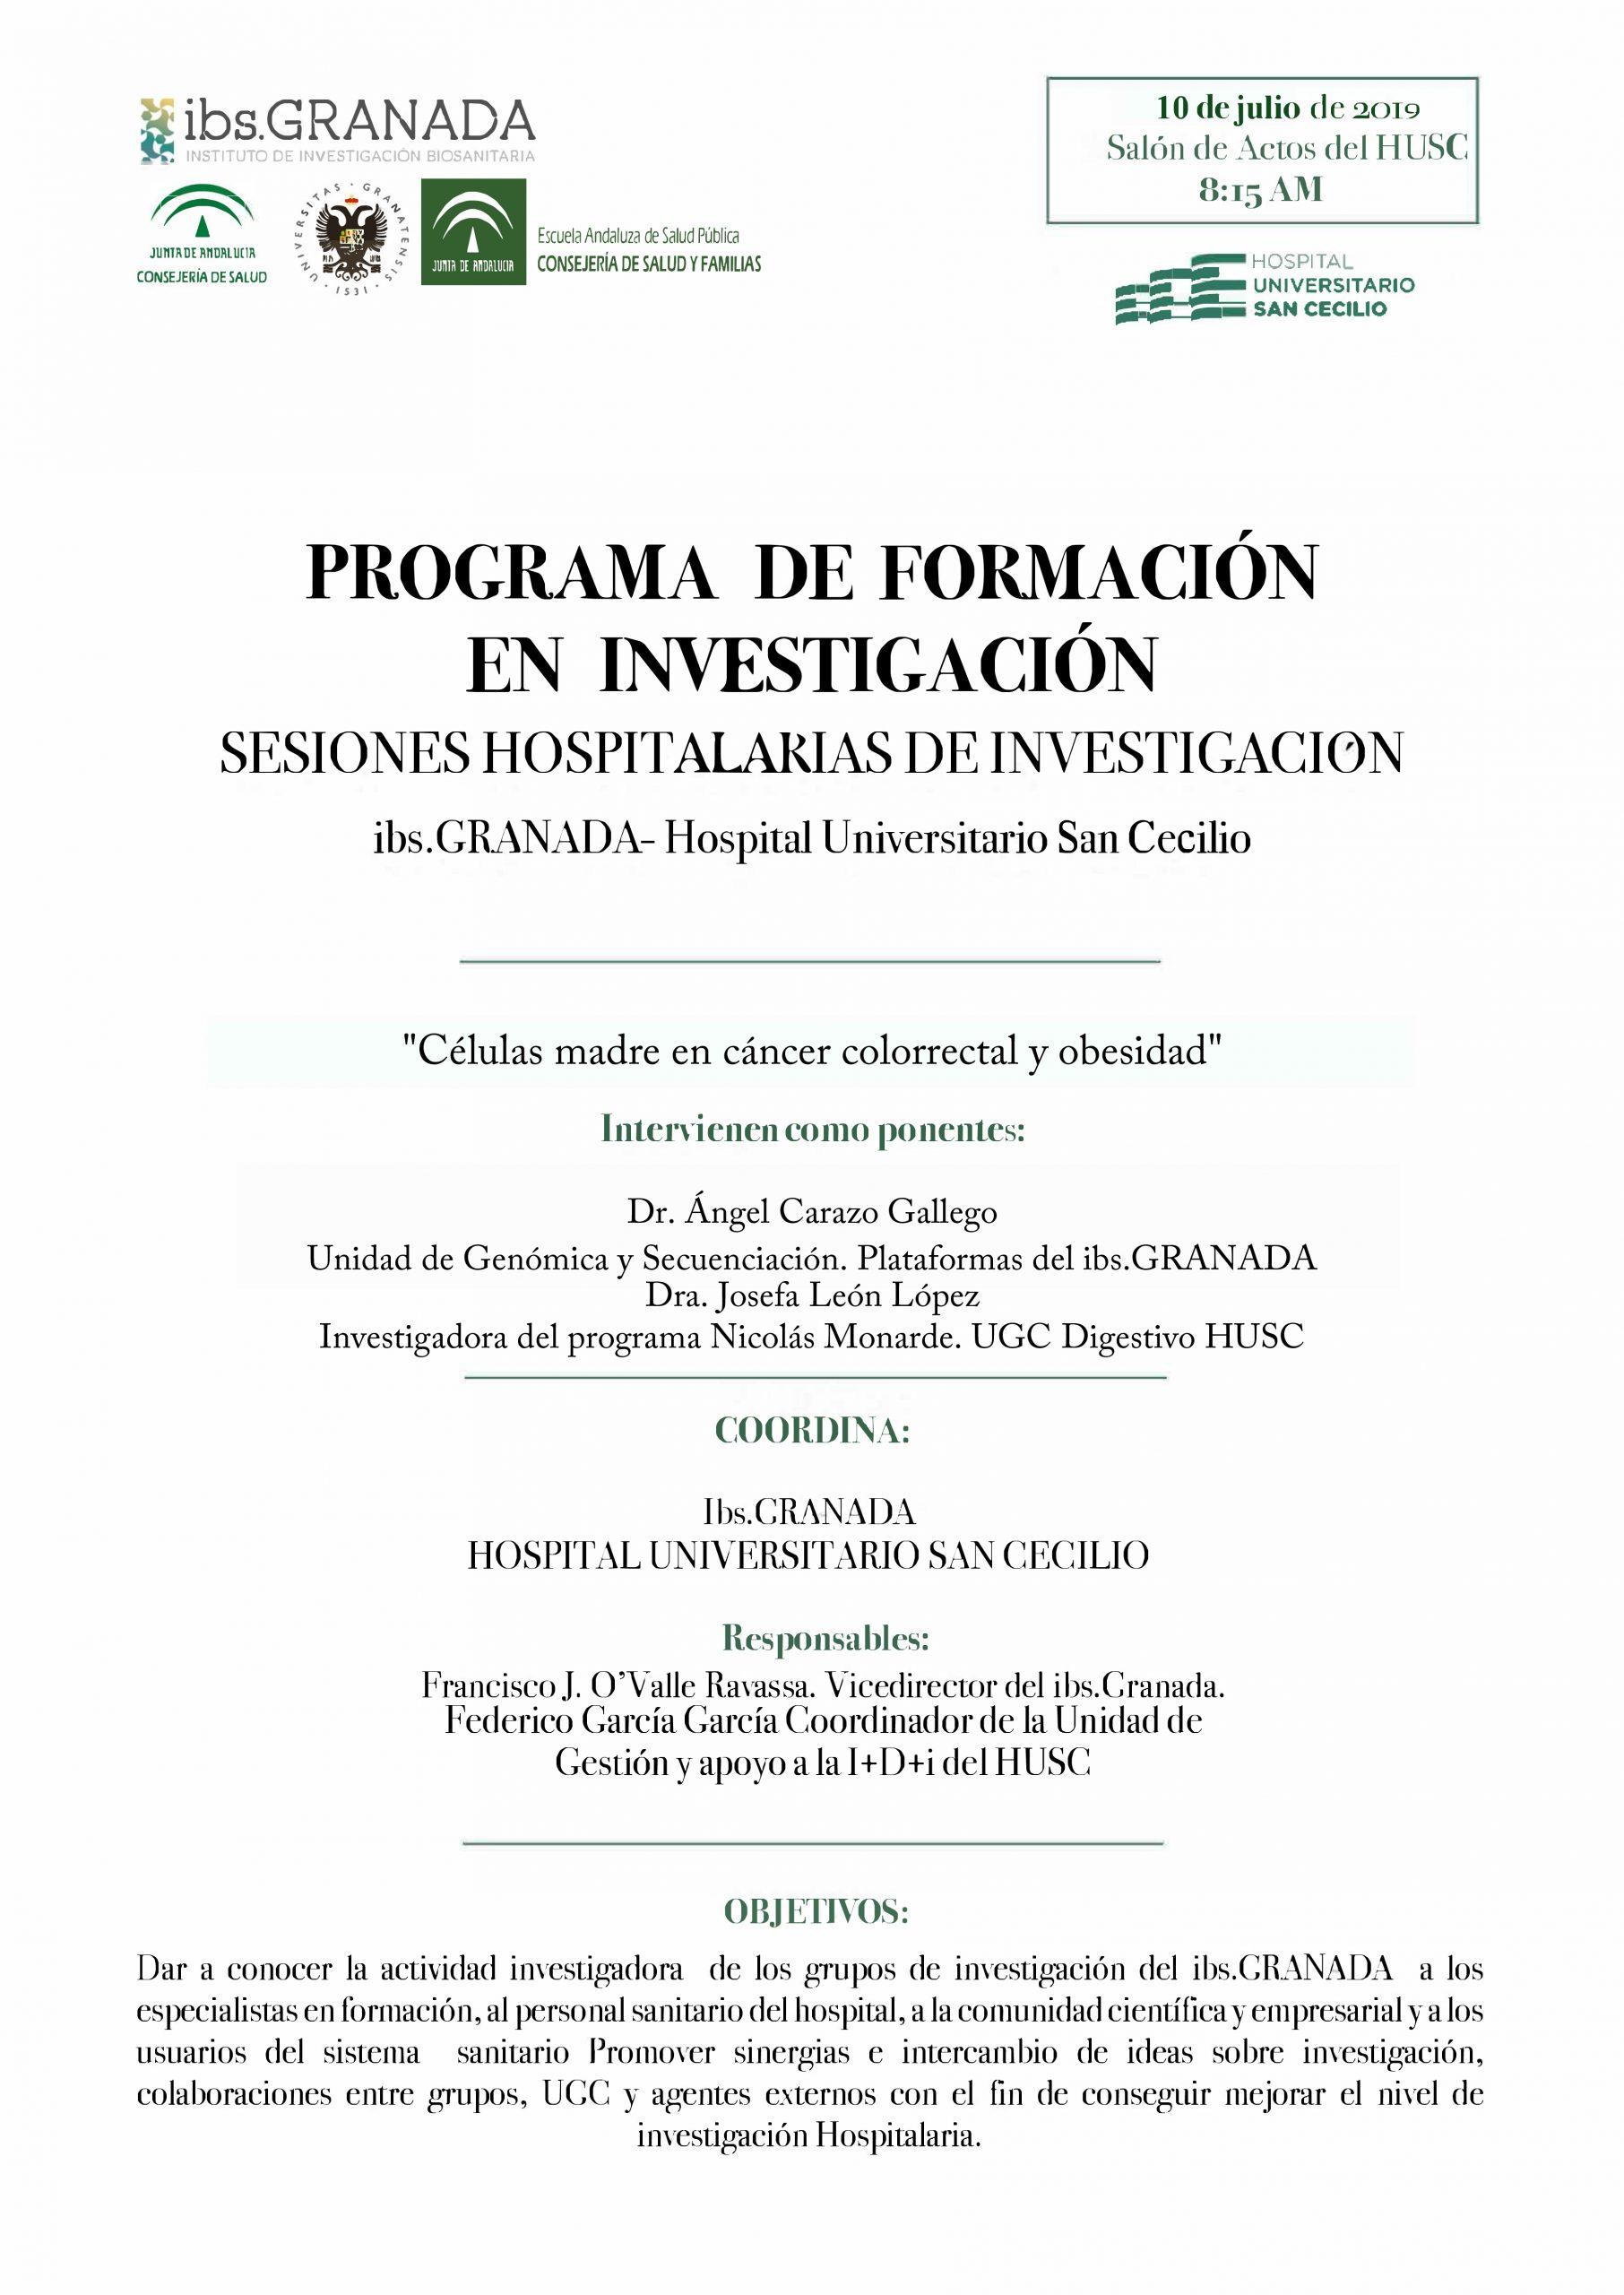 """Sesión Hospitalaria: """"Células madre en cáncer colorrectal y obesidad"""""""